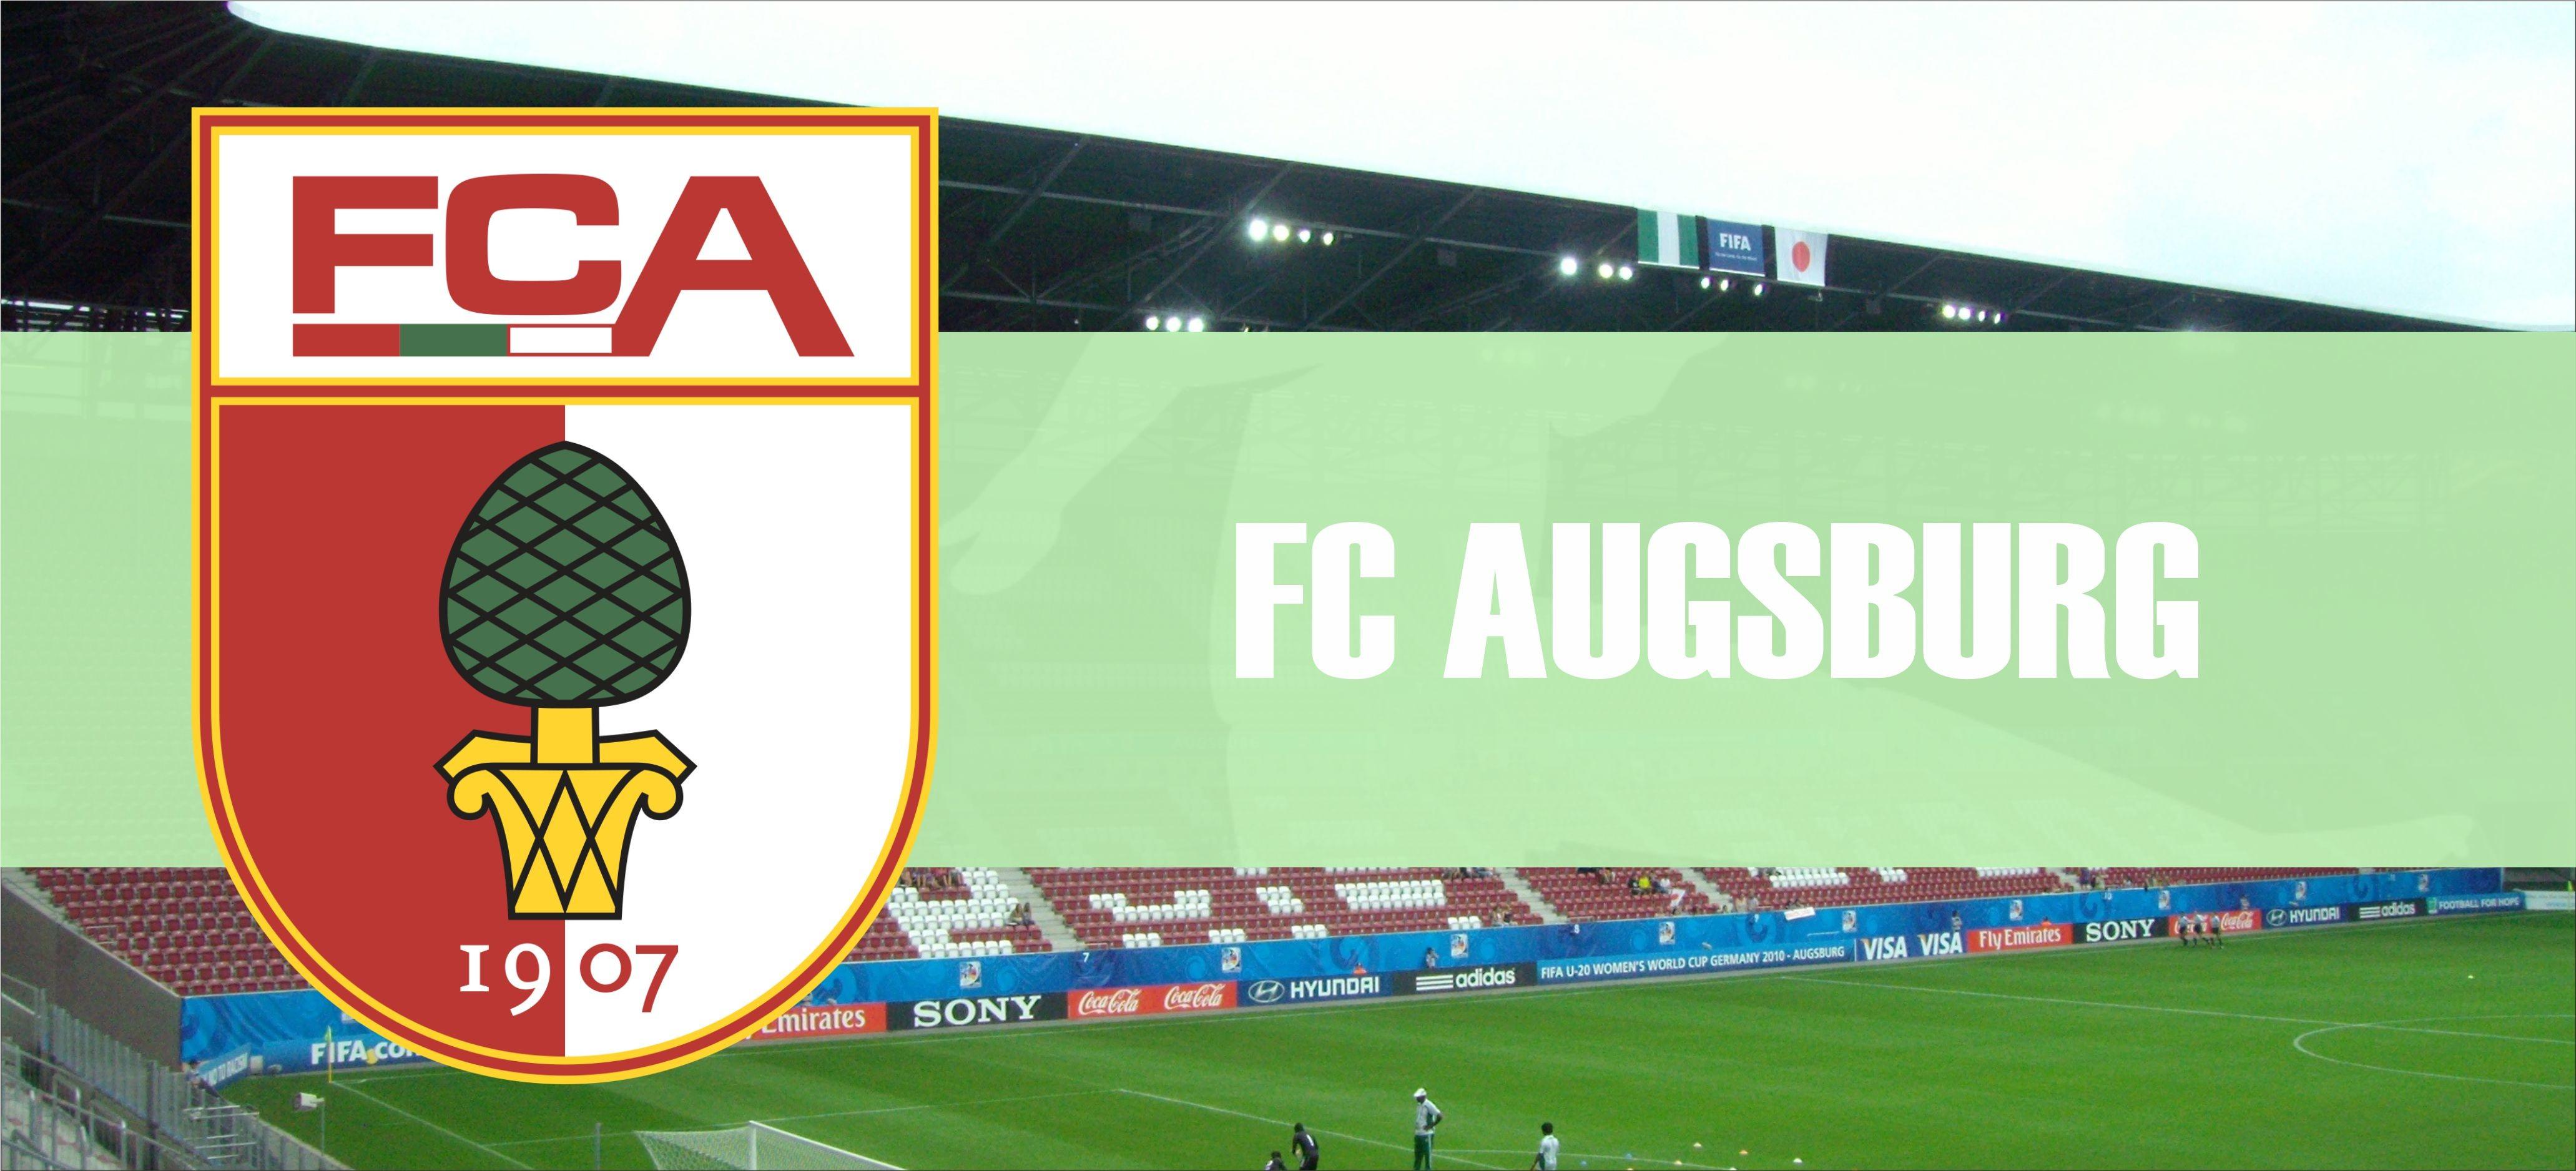 Skarb kibica Bundesligi: FC Augsburg